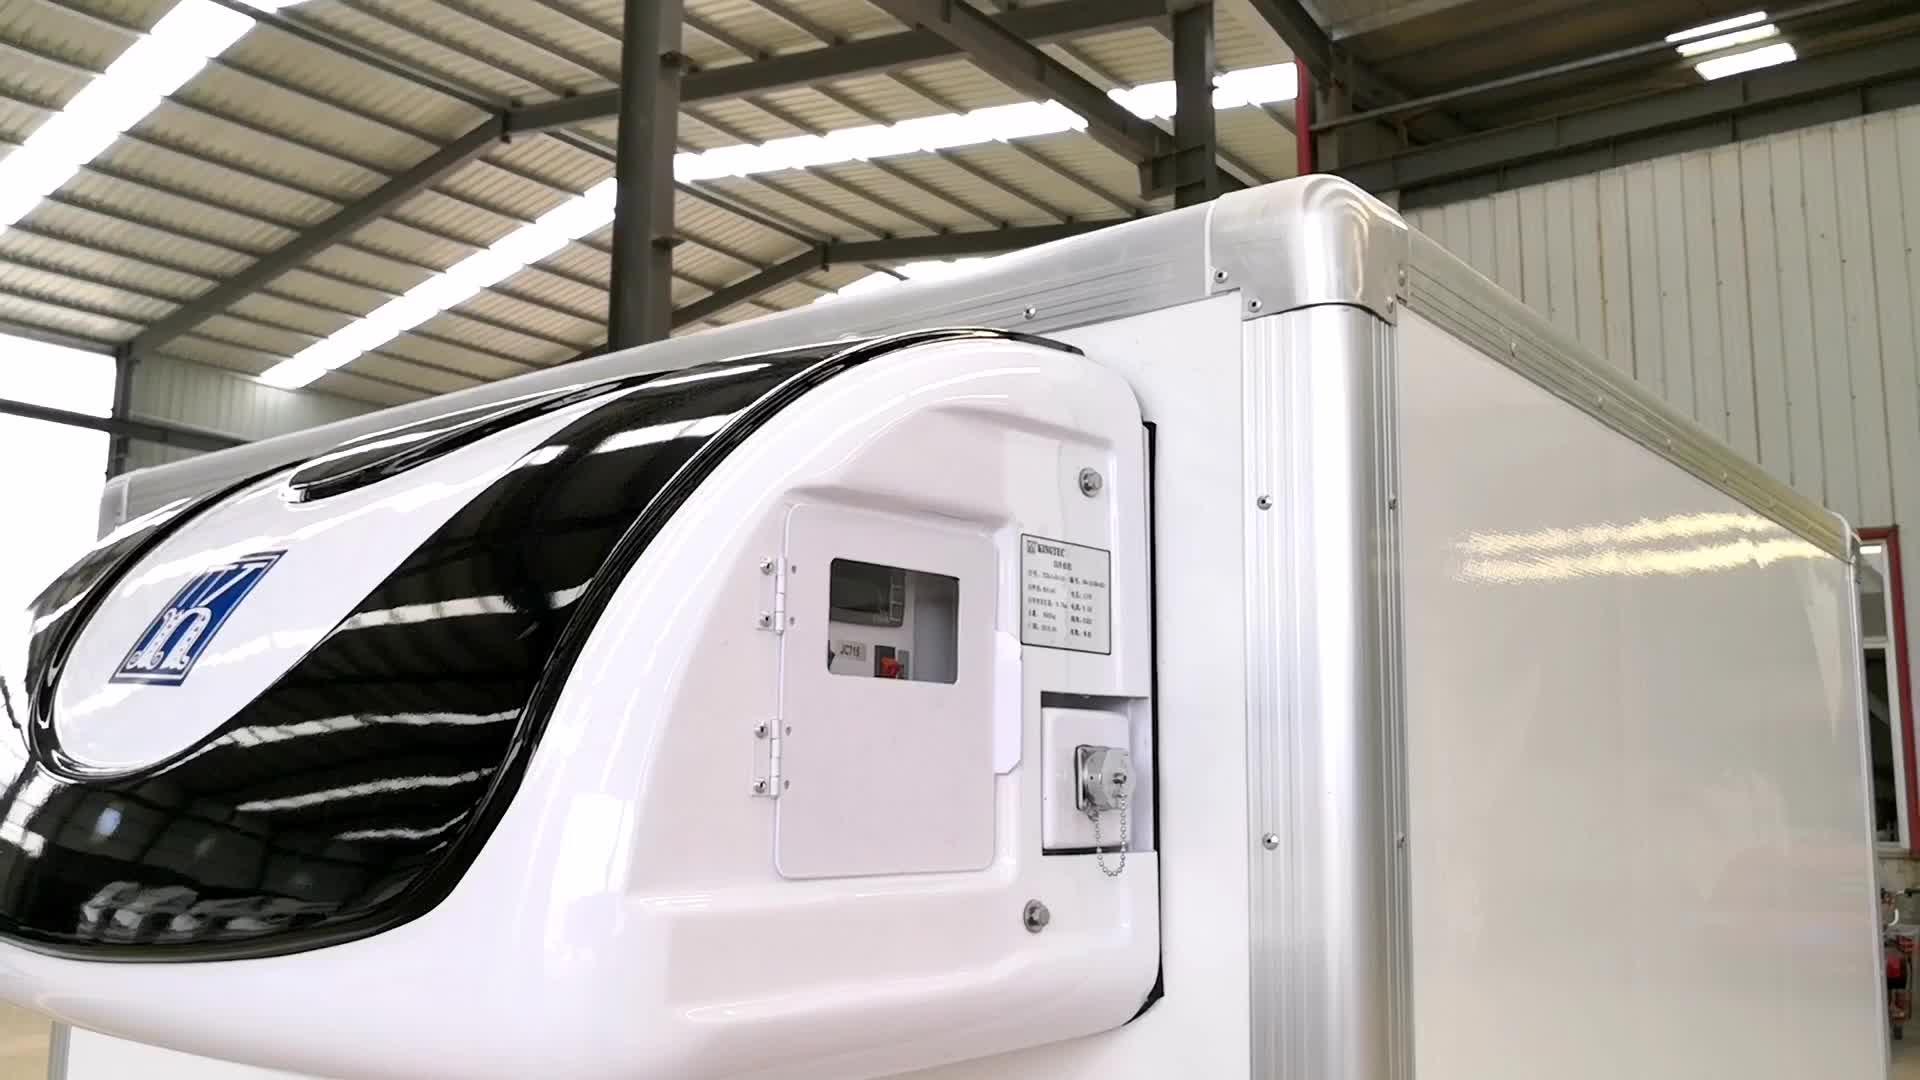 ColdKing 220-230 V 1 phase AC powered ATV/UTV anhänger reefer kühlraum lkw körper box kälte einheit für lkw und anhänger